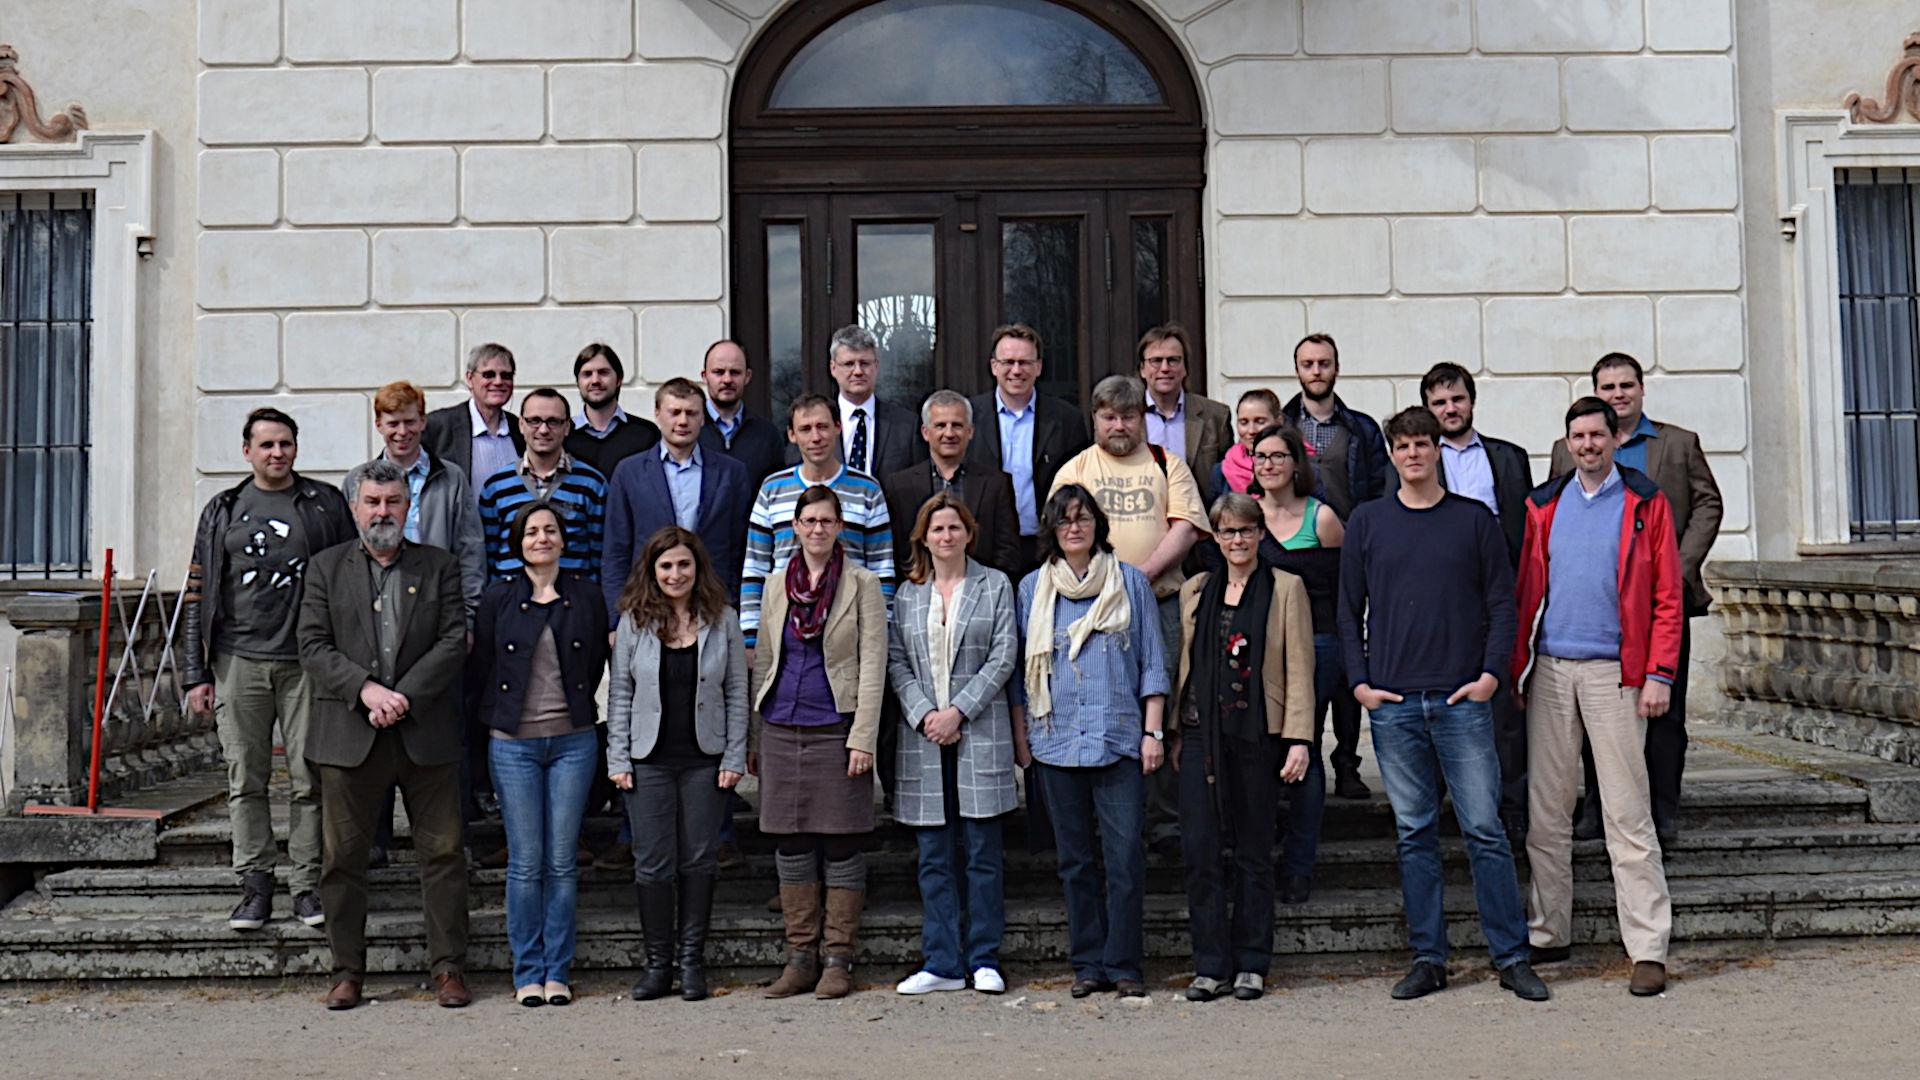 Gruppenbild der Teilnehmer am ECFN/Nomisma.org-Meeting in Nieborów